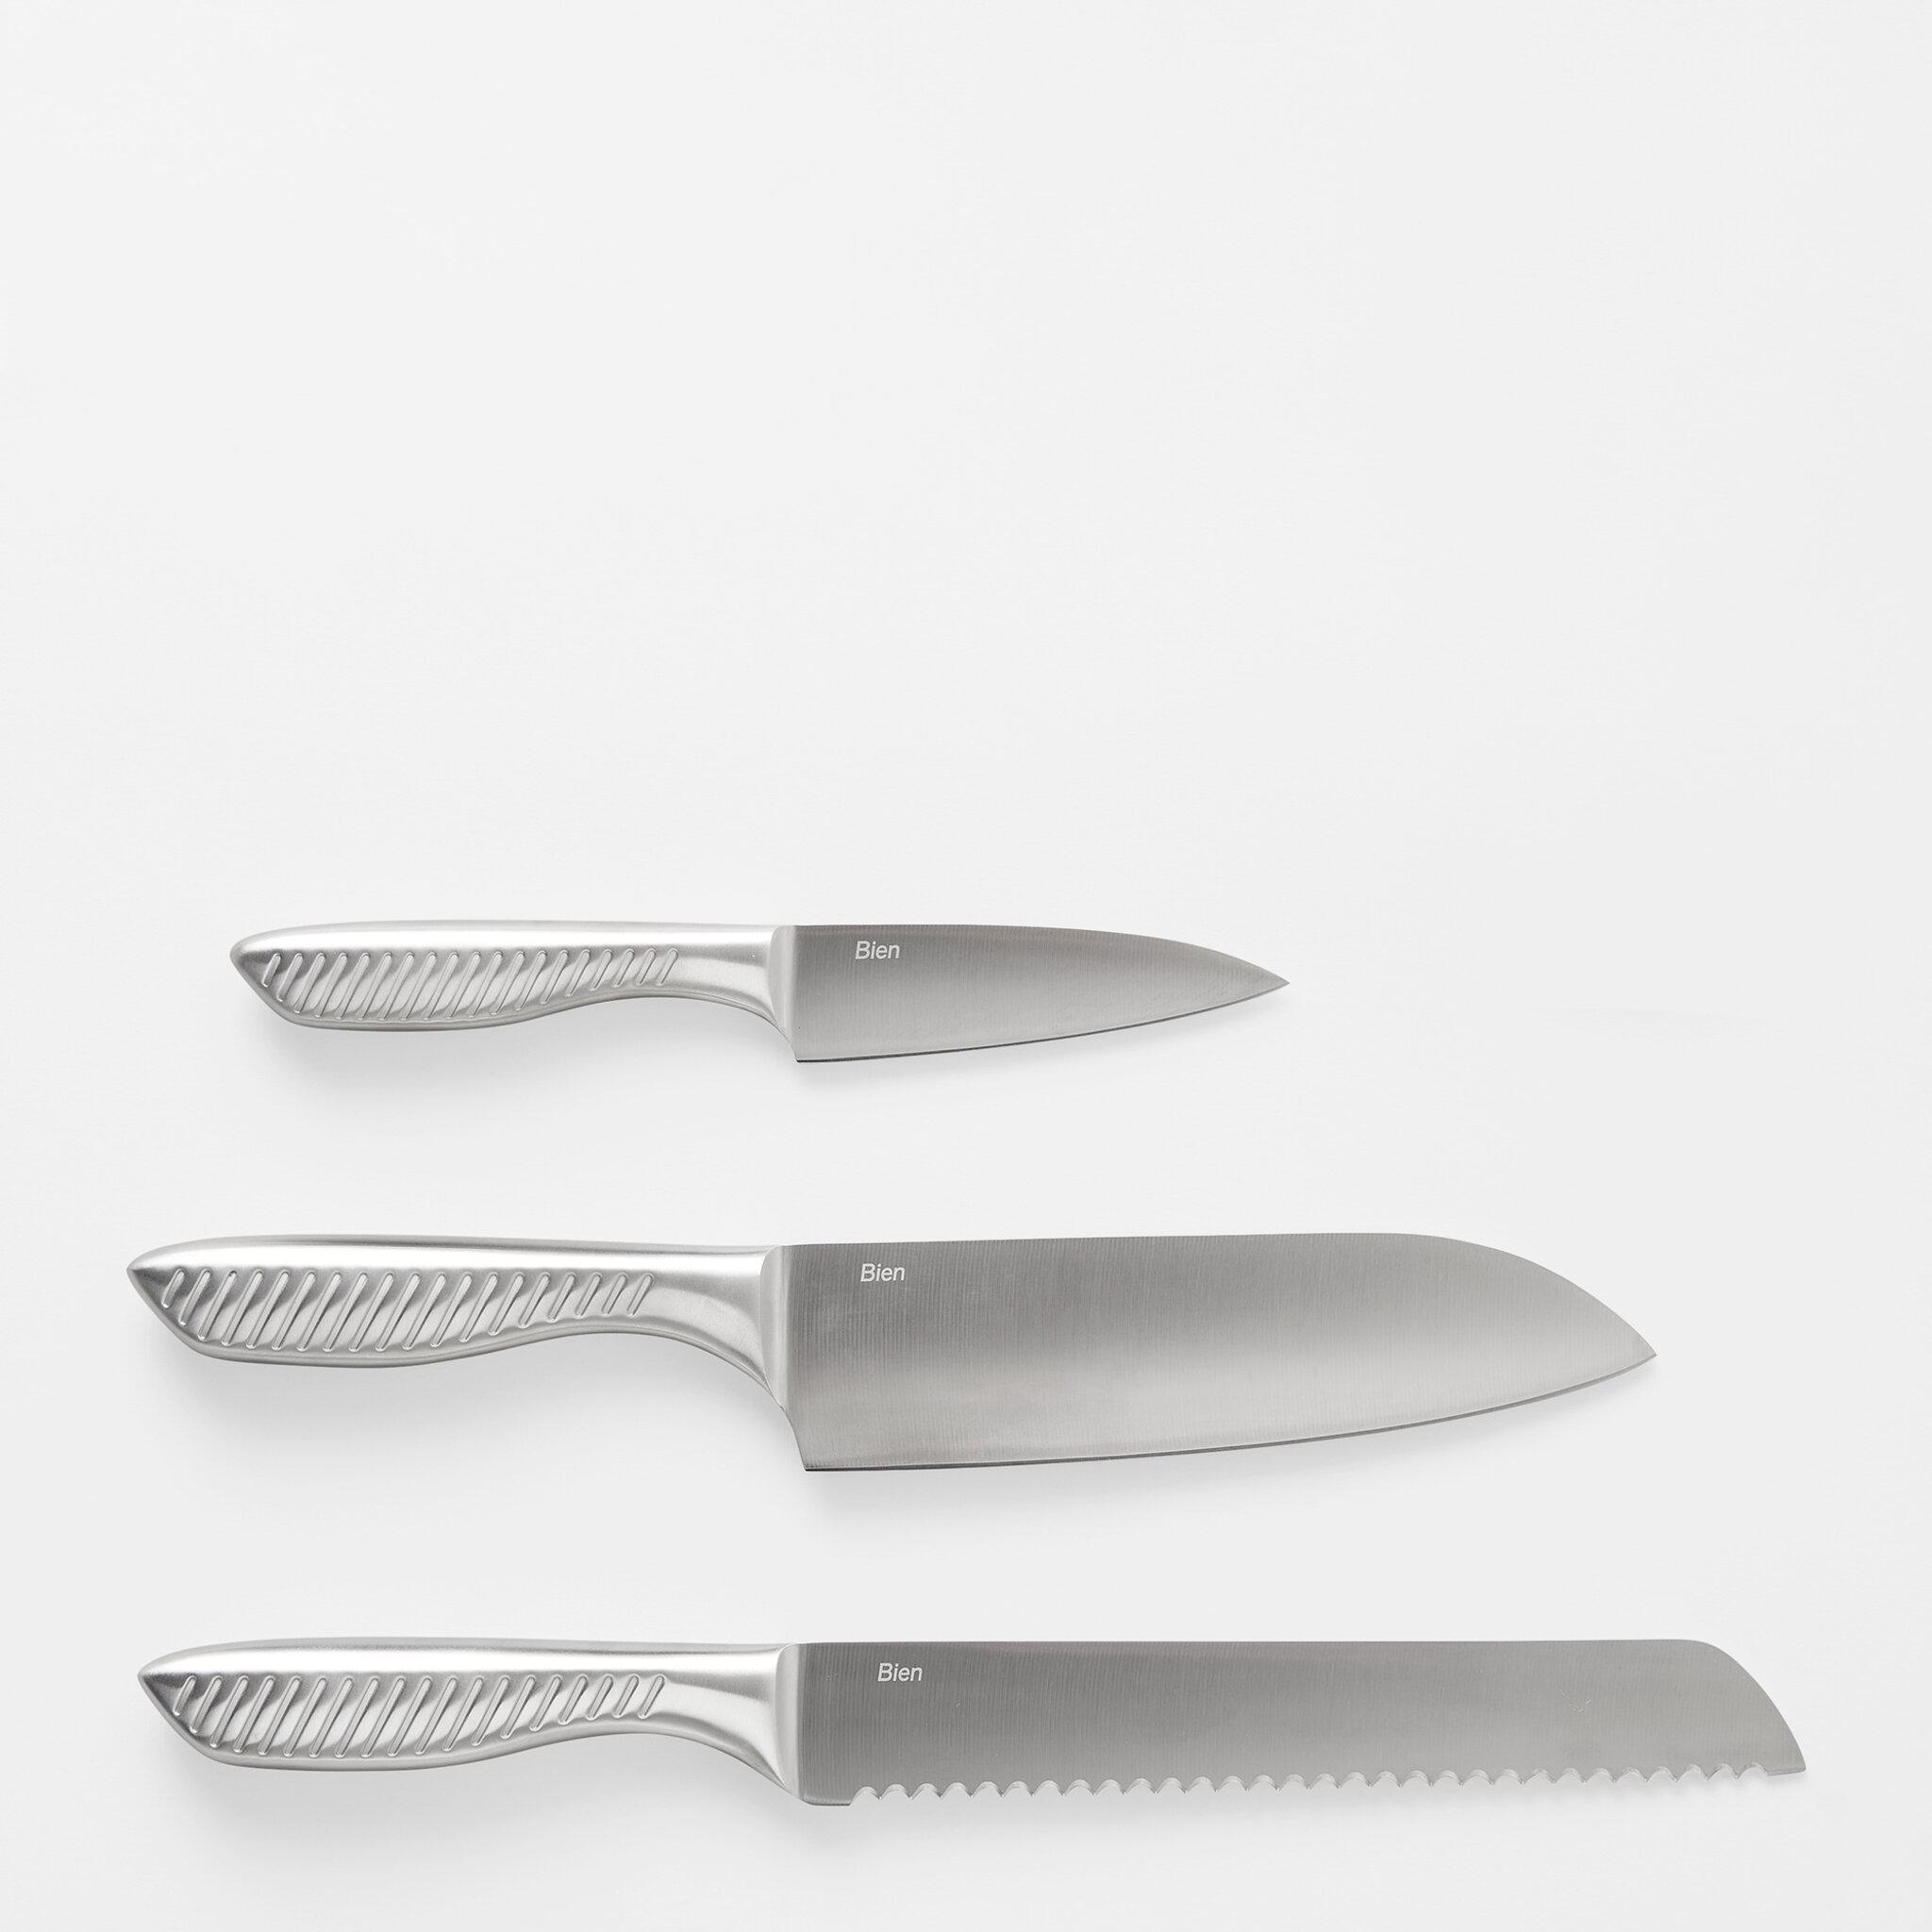 Knivset BIEN 3-pack